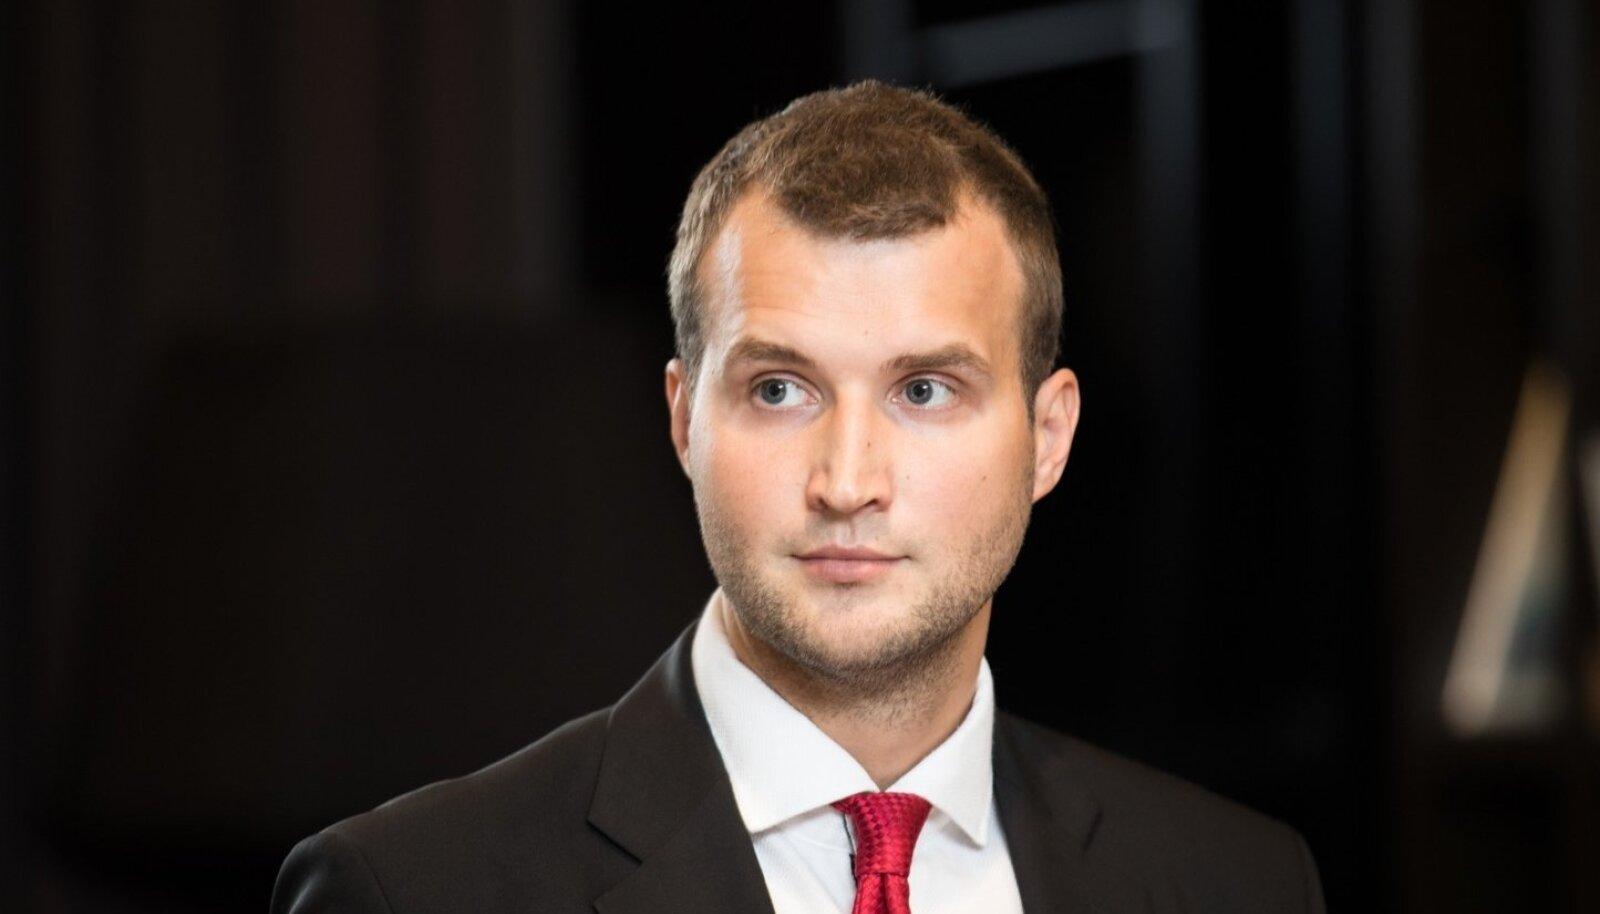 Joel Kukemelk